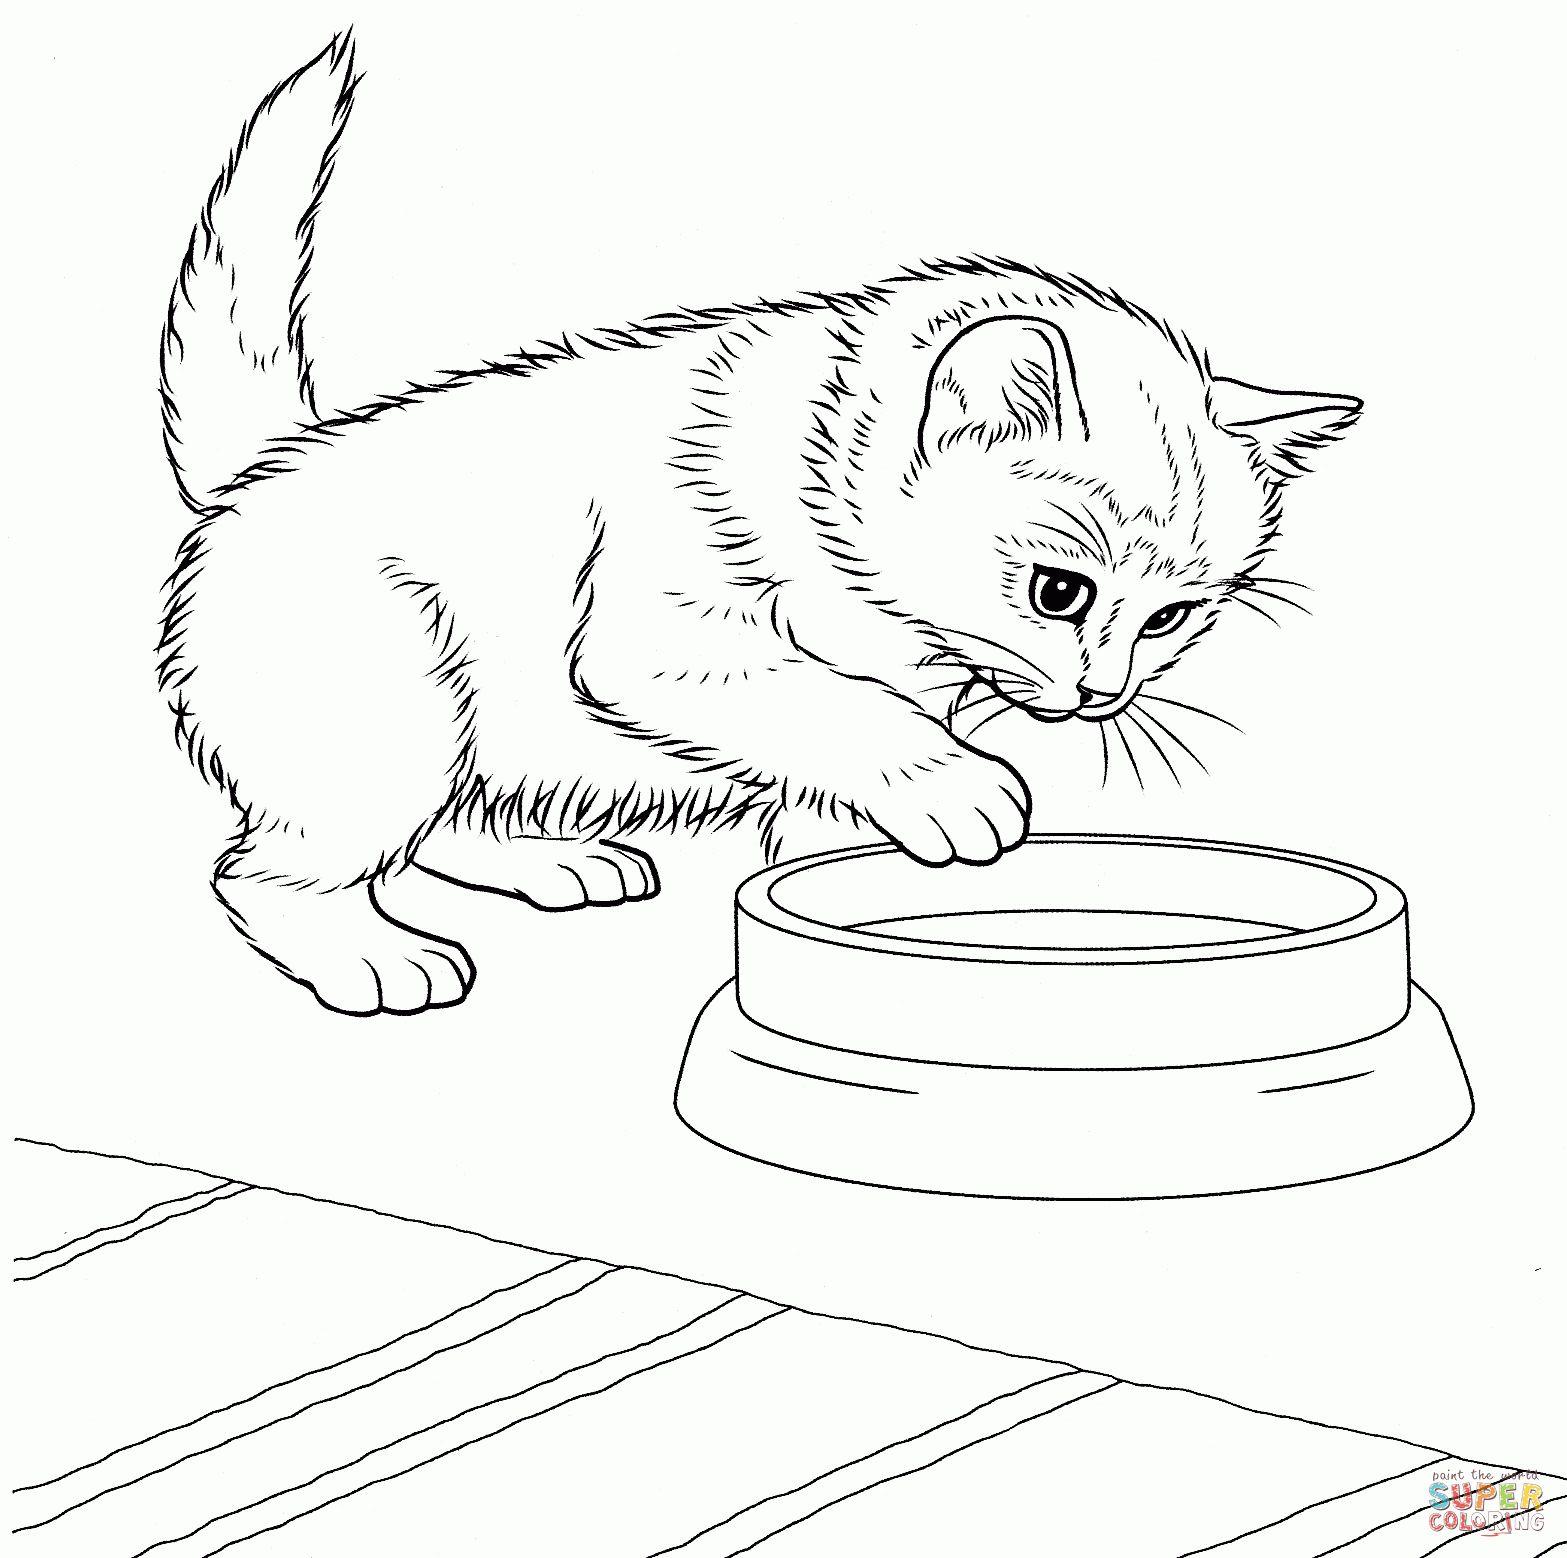 30 Nuova Cuccioli Di Gatto Da Colorare Disegno Di Animali Gatti Disegni Di Gatti